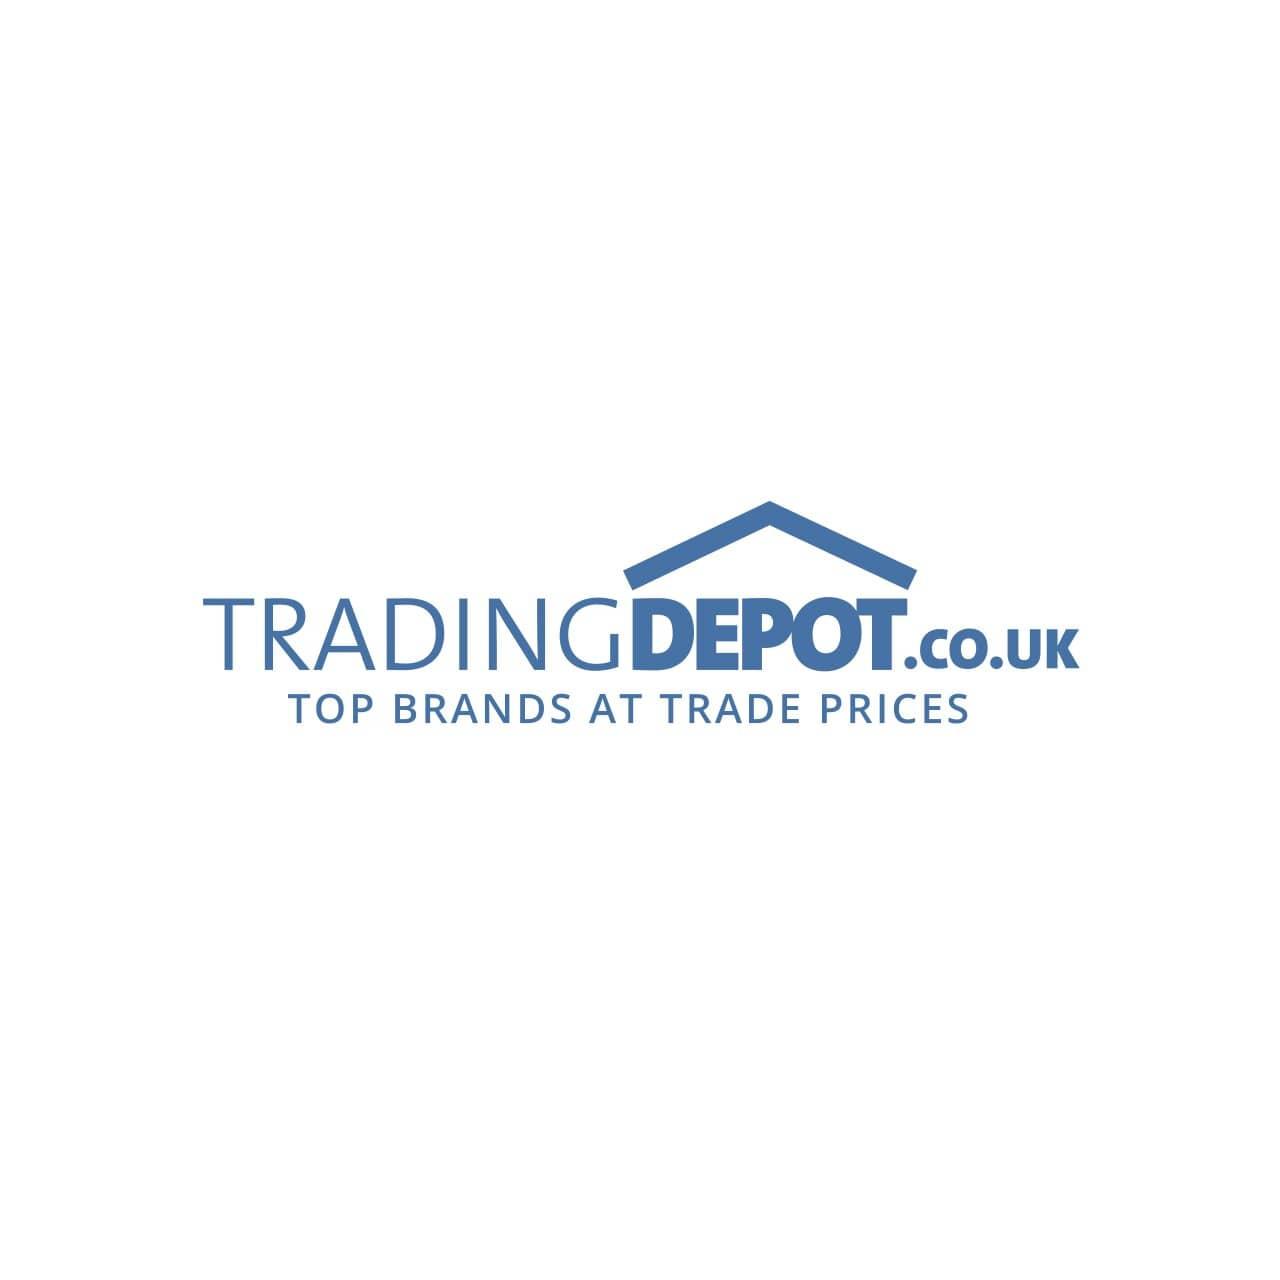 Velux Vapour Barrier For Roof Windows Measuring 134 x 140cm - BBX UK08 0000